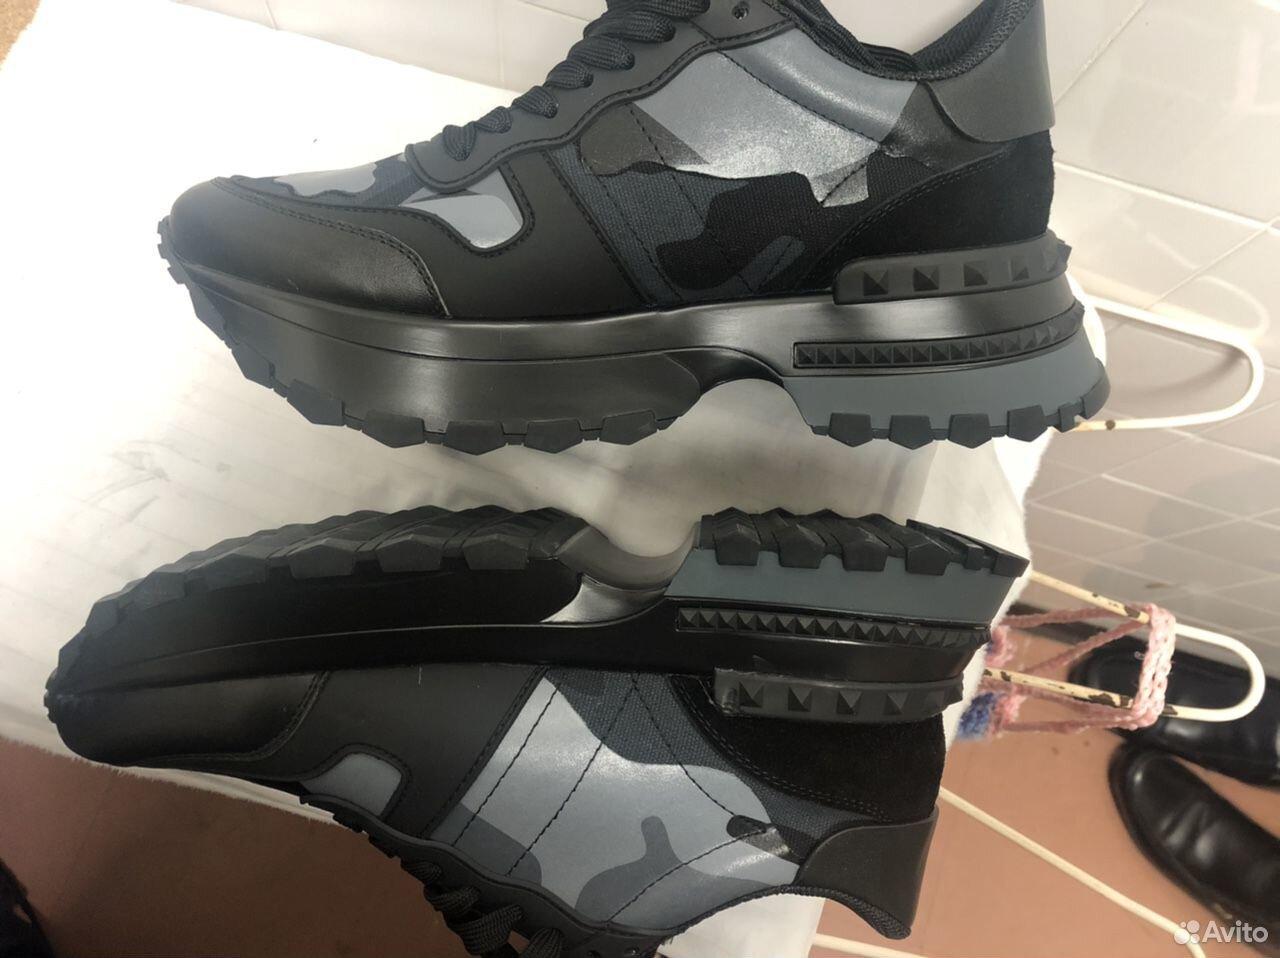 Продам кожаные кроссовки,купили не подошол размер  89187703894 купить 2